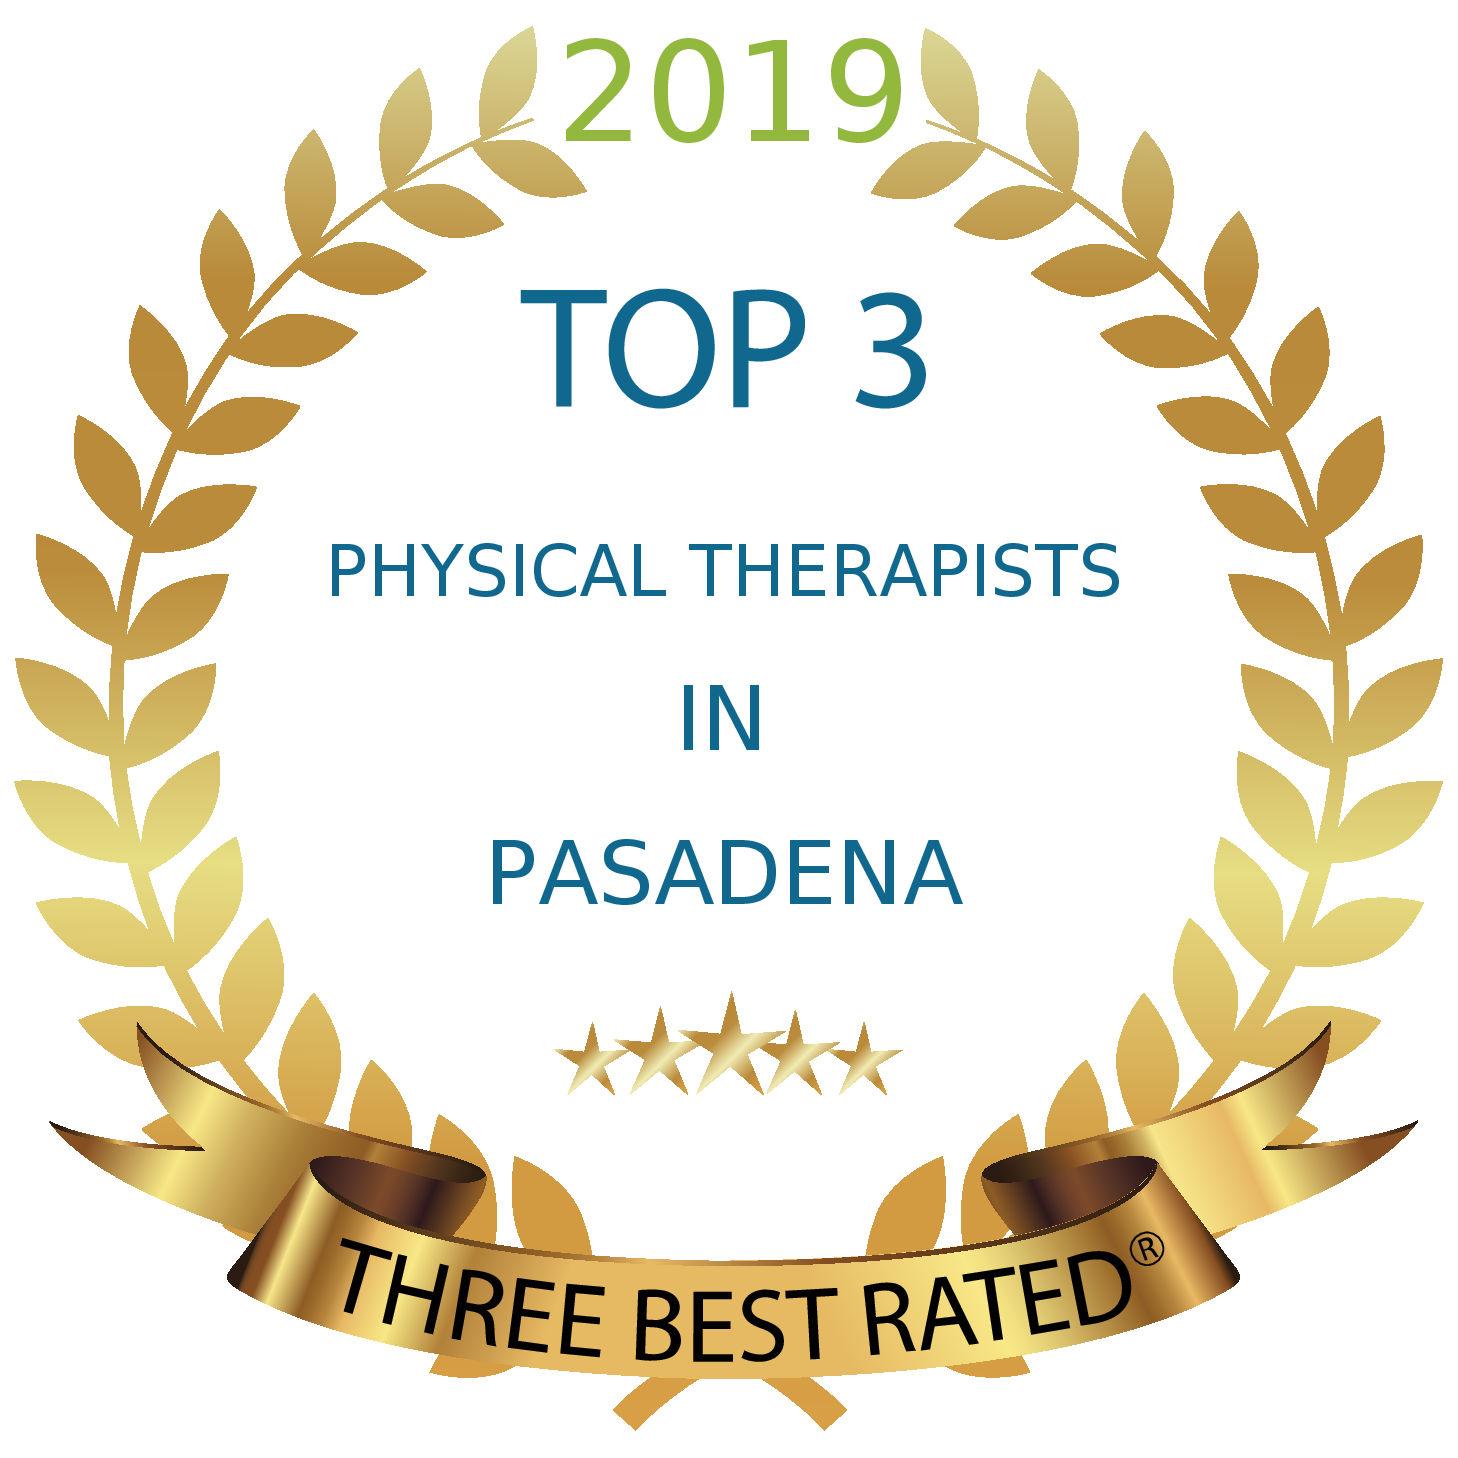 physical_therapists-pasadena-2019-clr (1).jpg